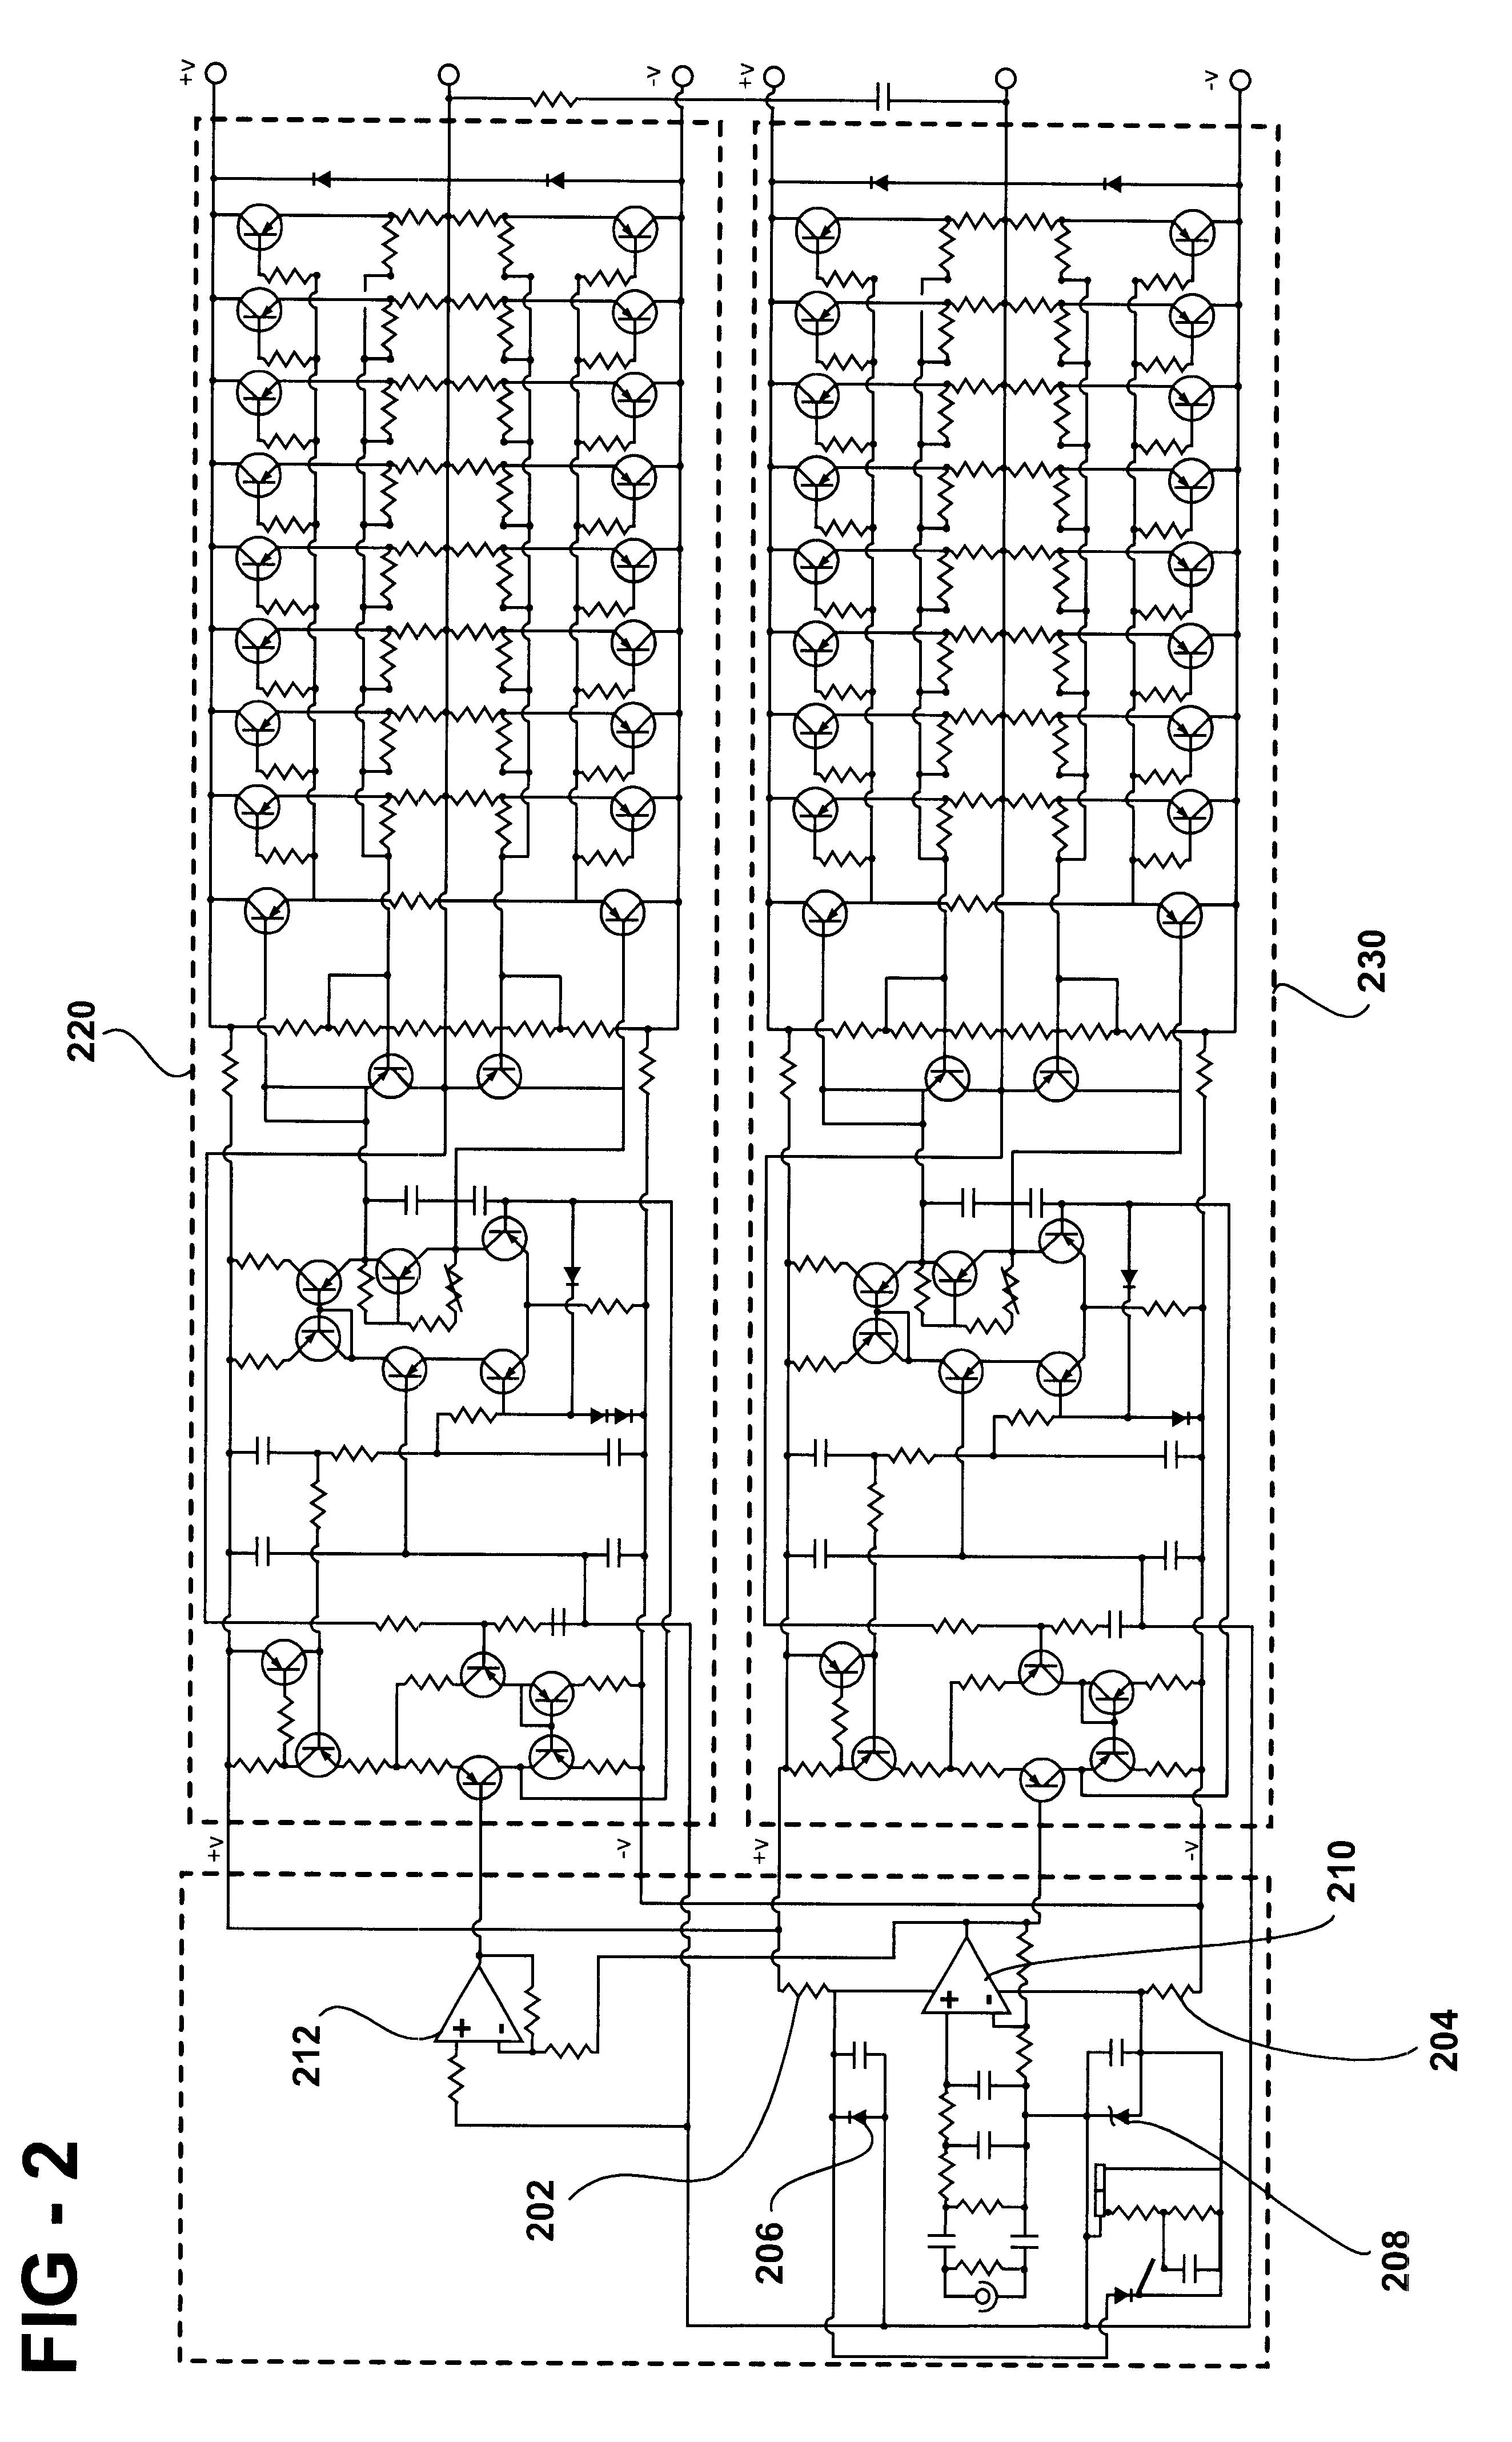 patent us6437648